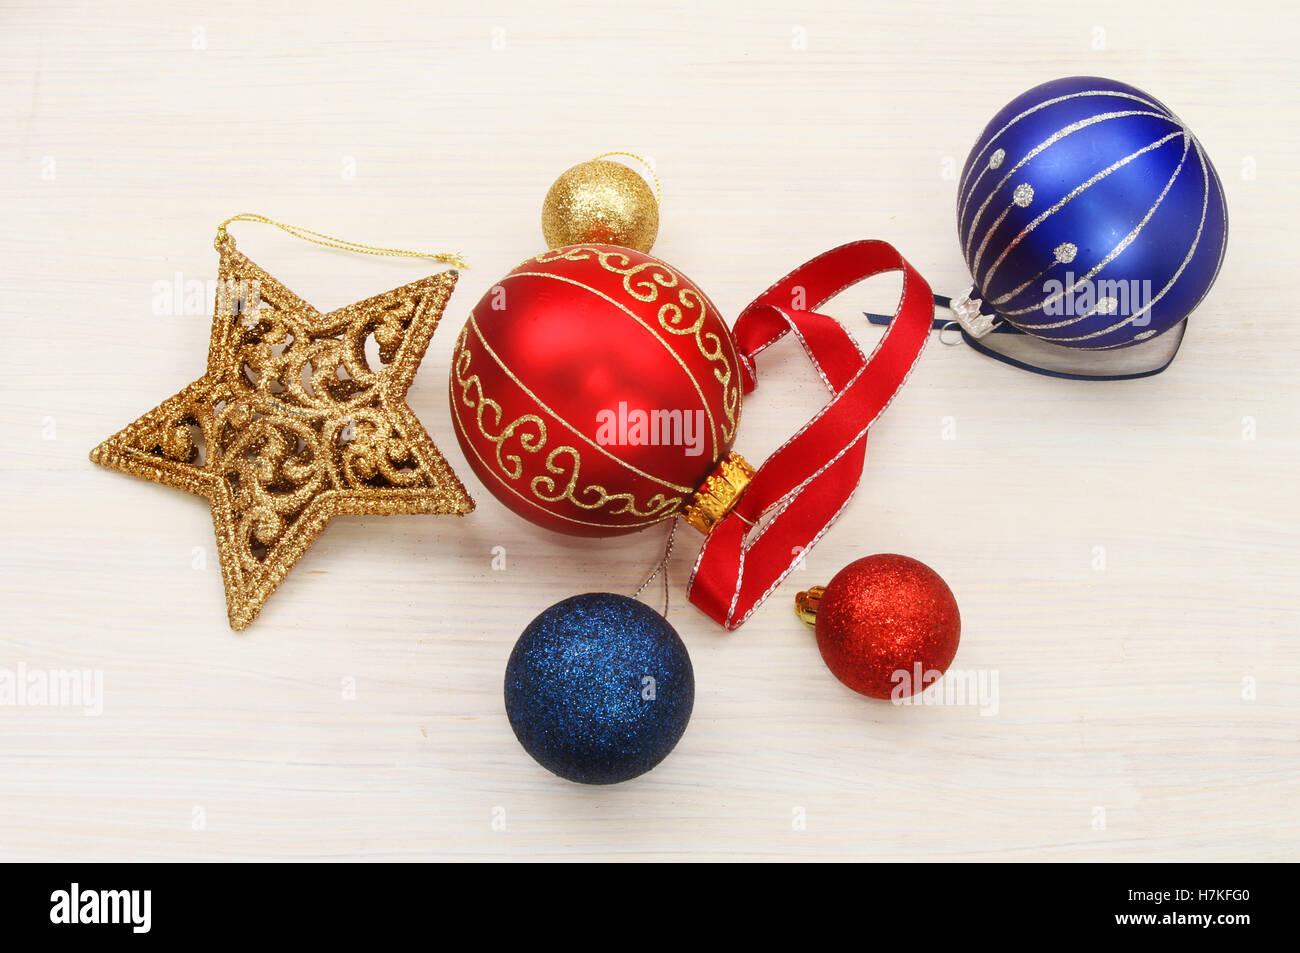 Christbaumkugeln Weiß Gold.Weihnachtsschmuck Gold Glitter Sterne Christbaumkugeln Und Band